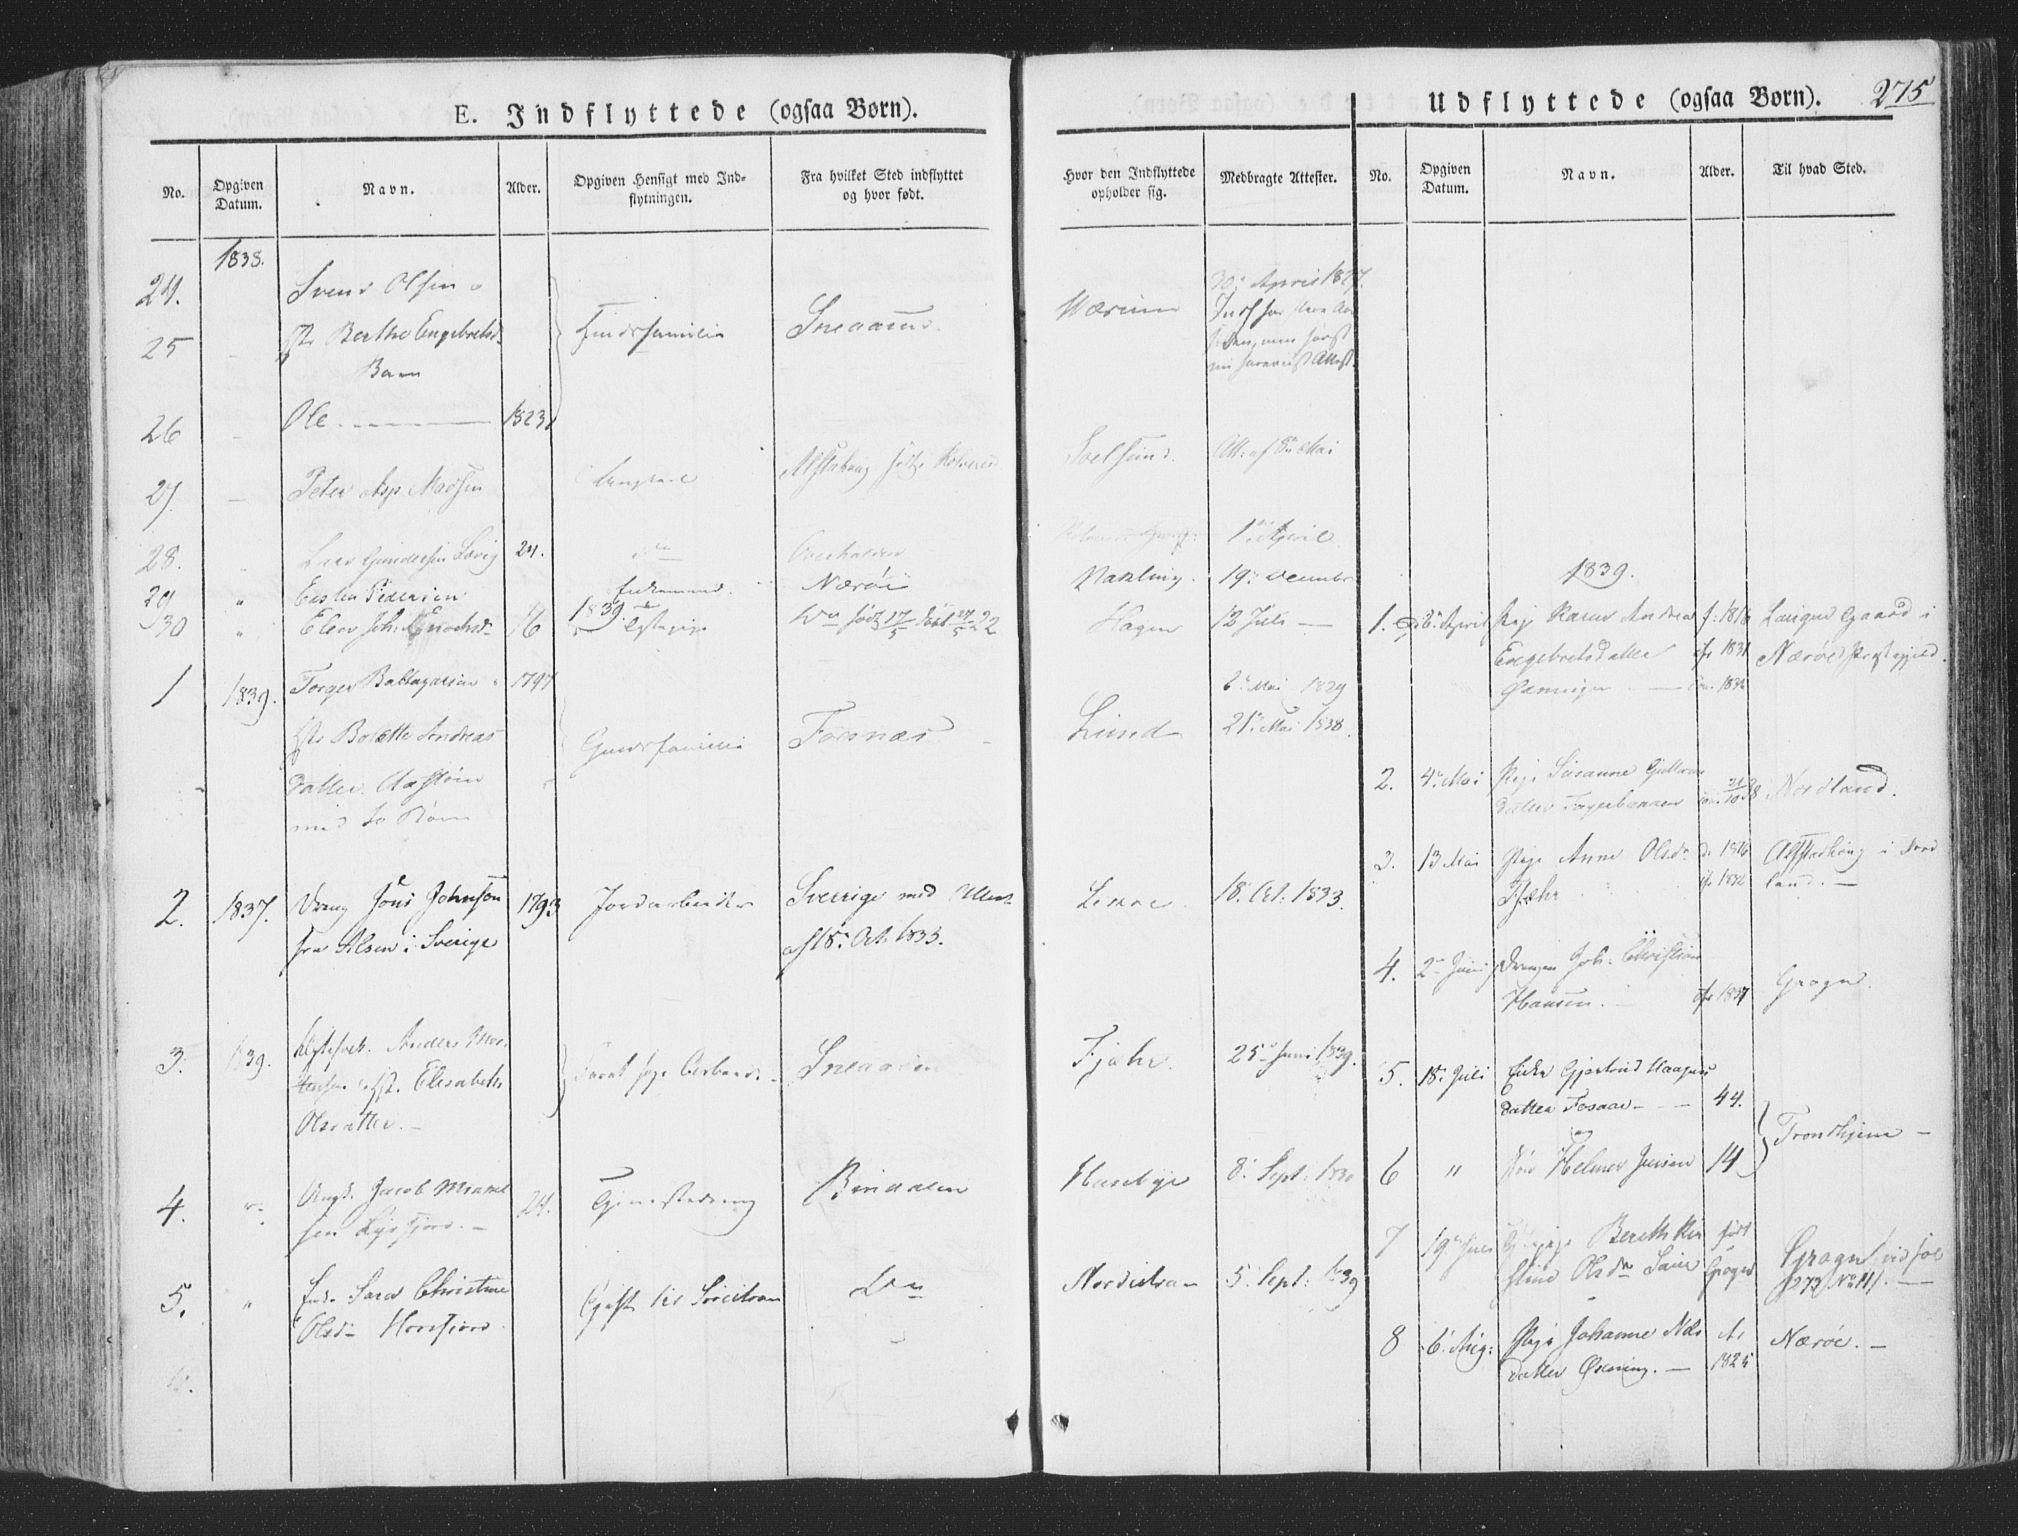 SAT, Ministerialprotokoller, klokkerbøker og fødselsregistre - Nord-Trøndelag, 780/L0639: Ministerialbok nr. 780A04, 1830-1844, s. 275